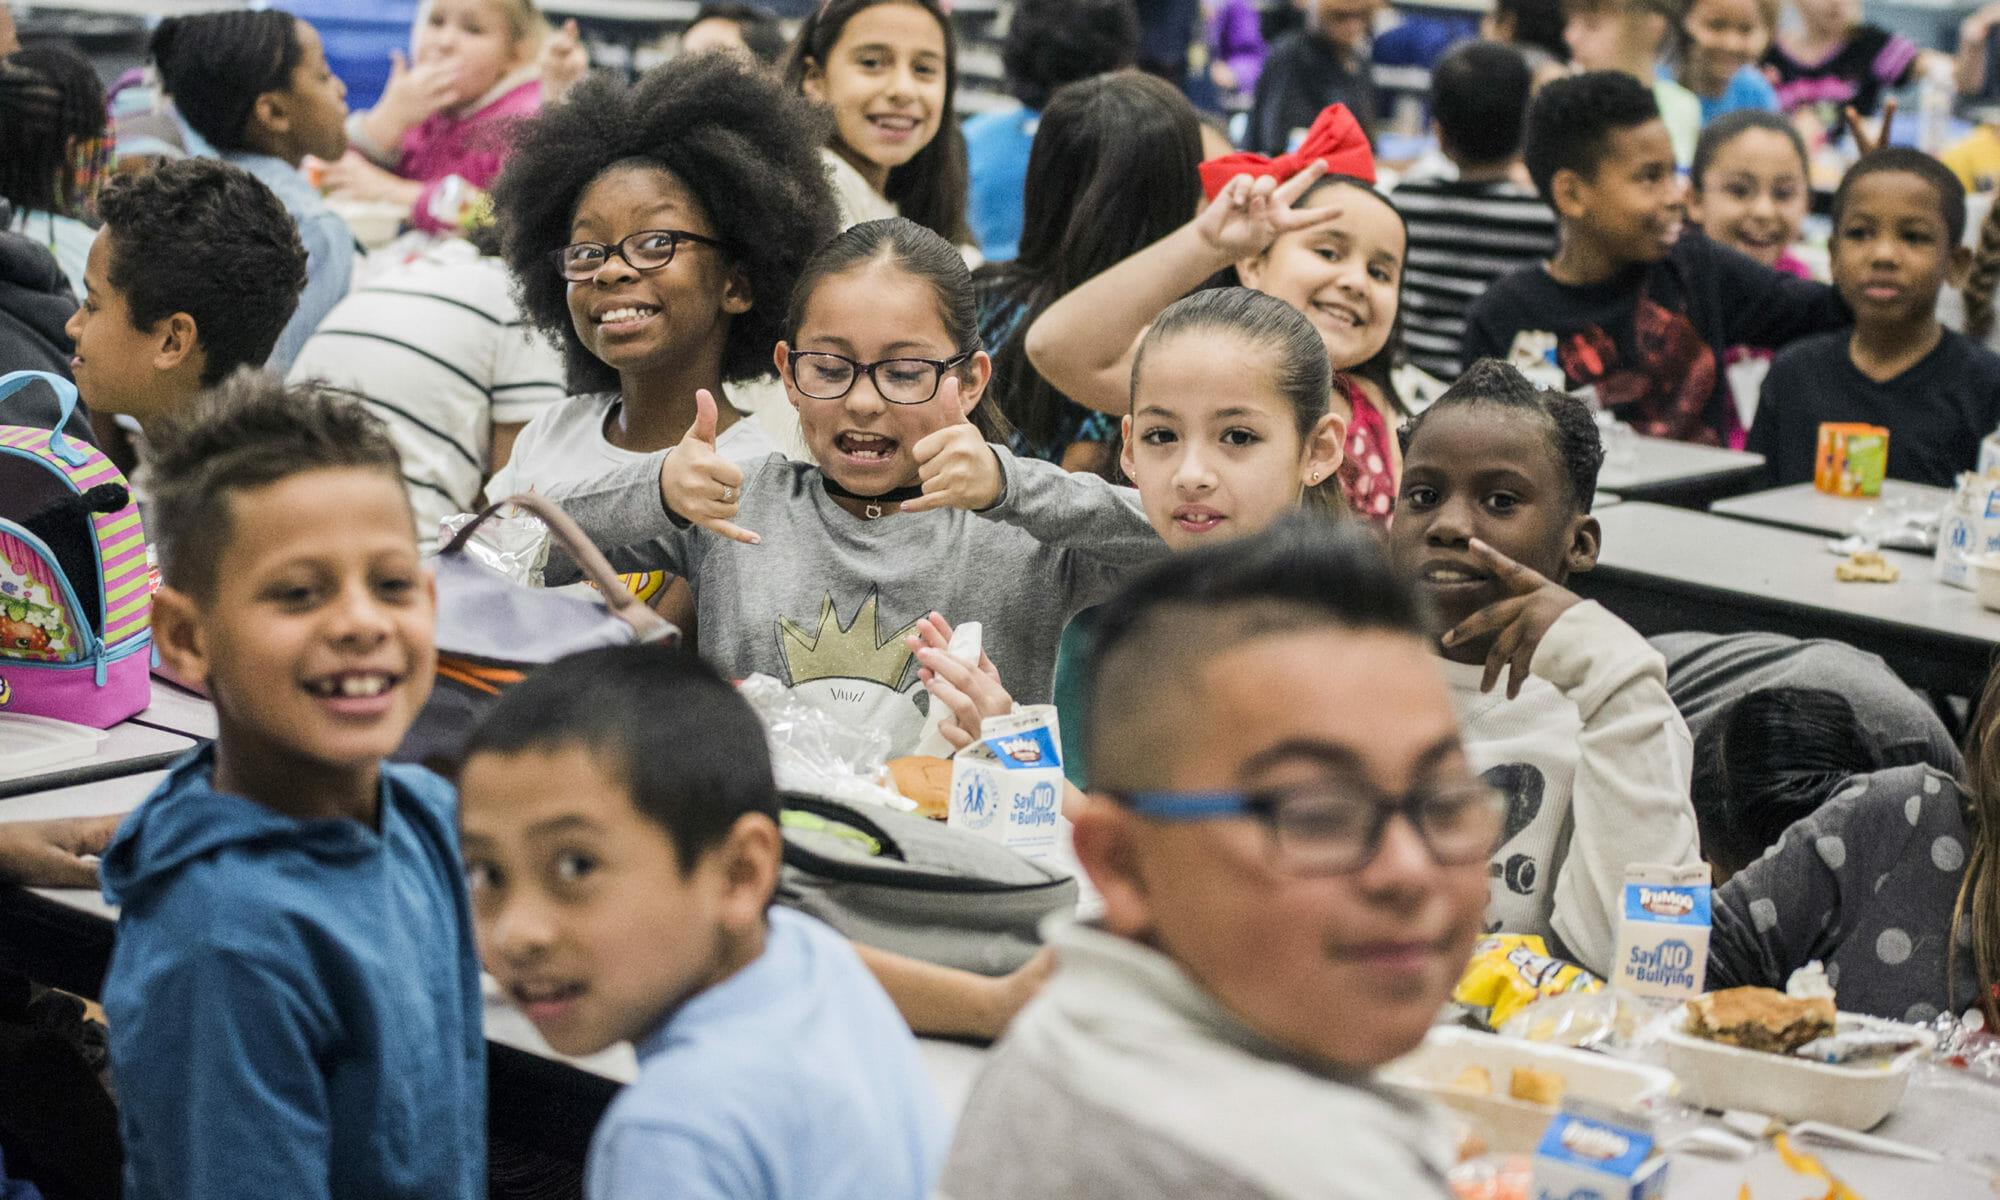 Estudiantes de una escuela primaria sonriendo